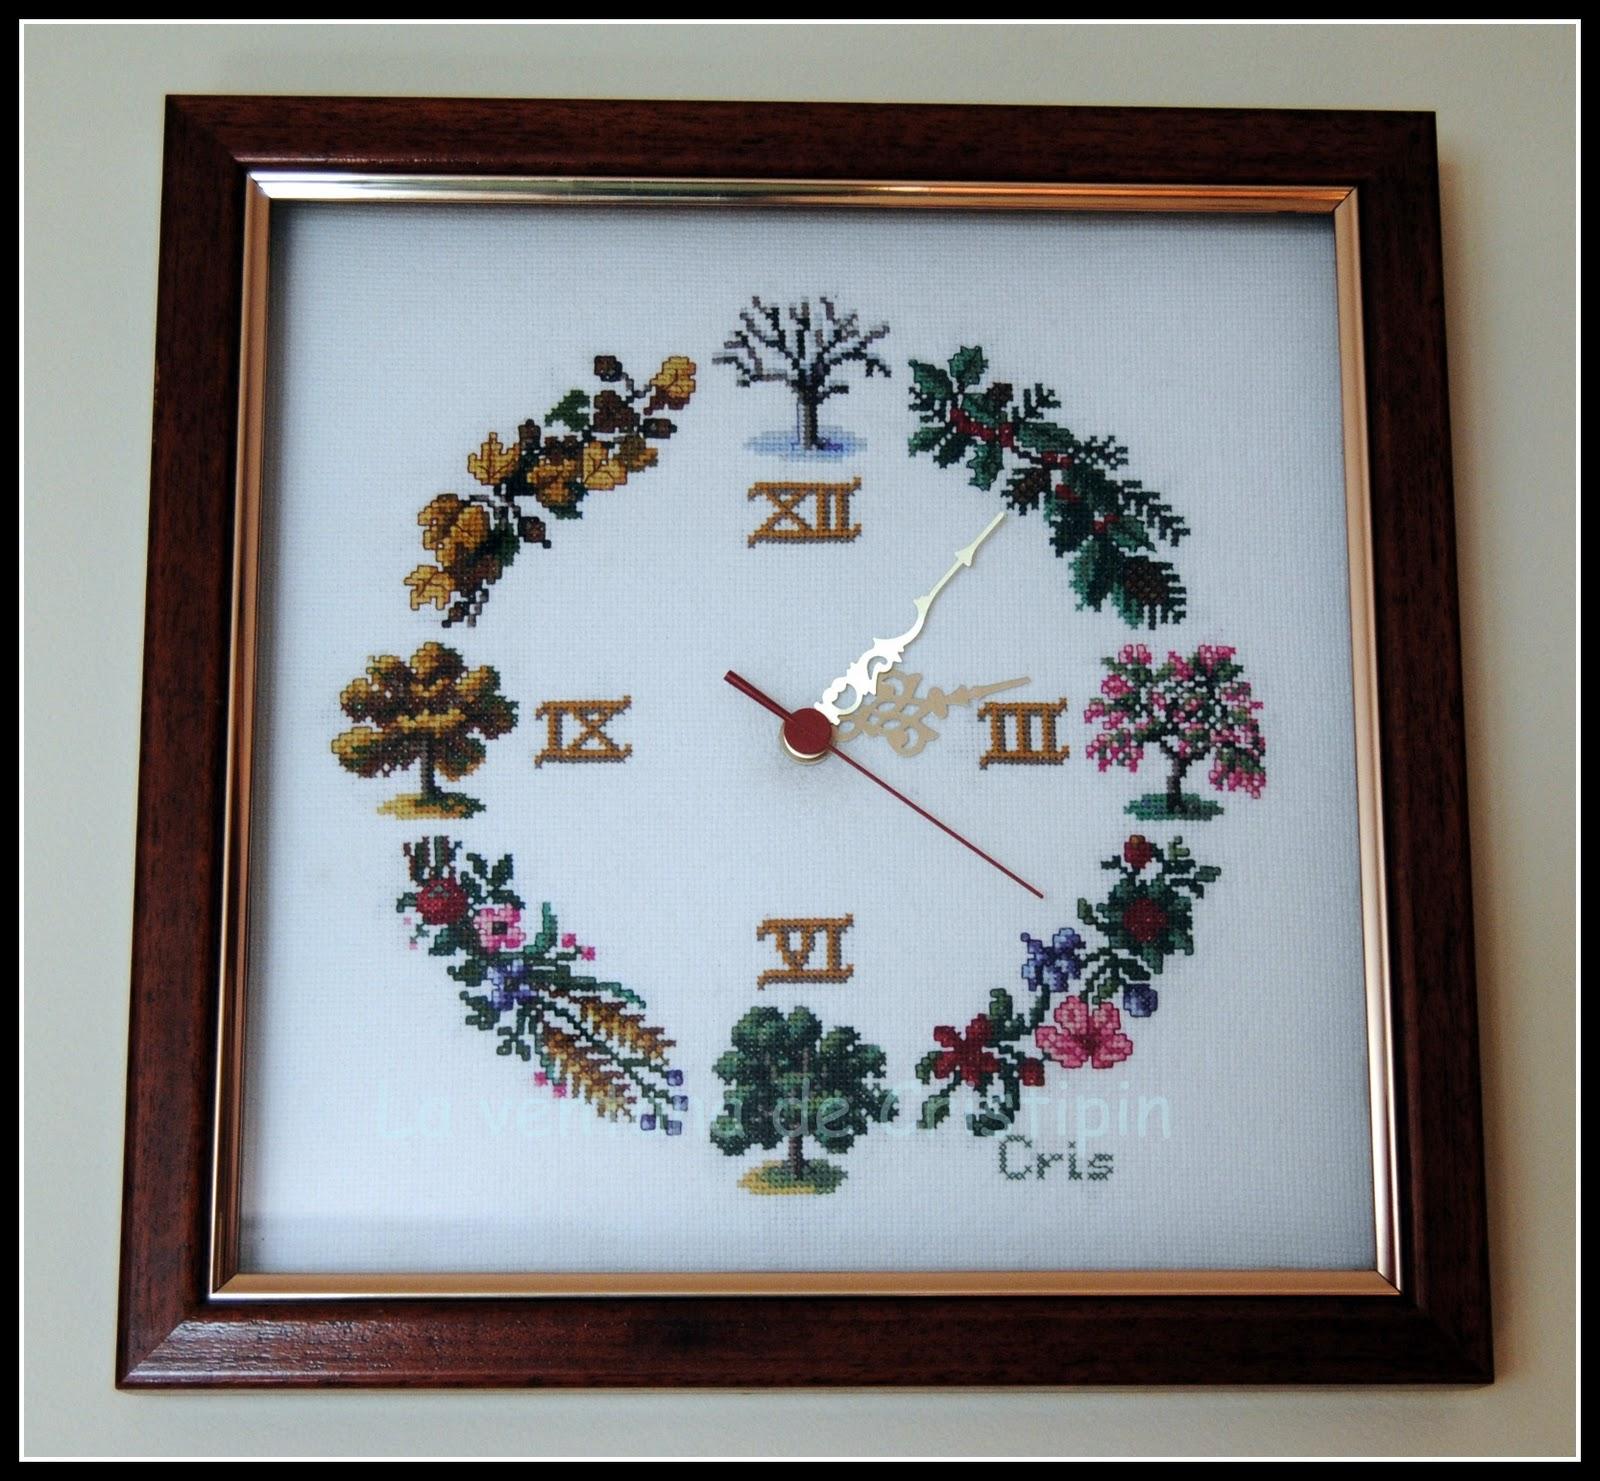 La ventana de cristipin cuadros punto de cruz for Cuadros cocina punto de cruz